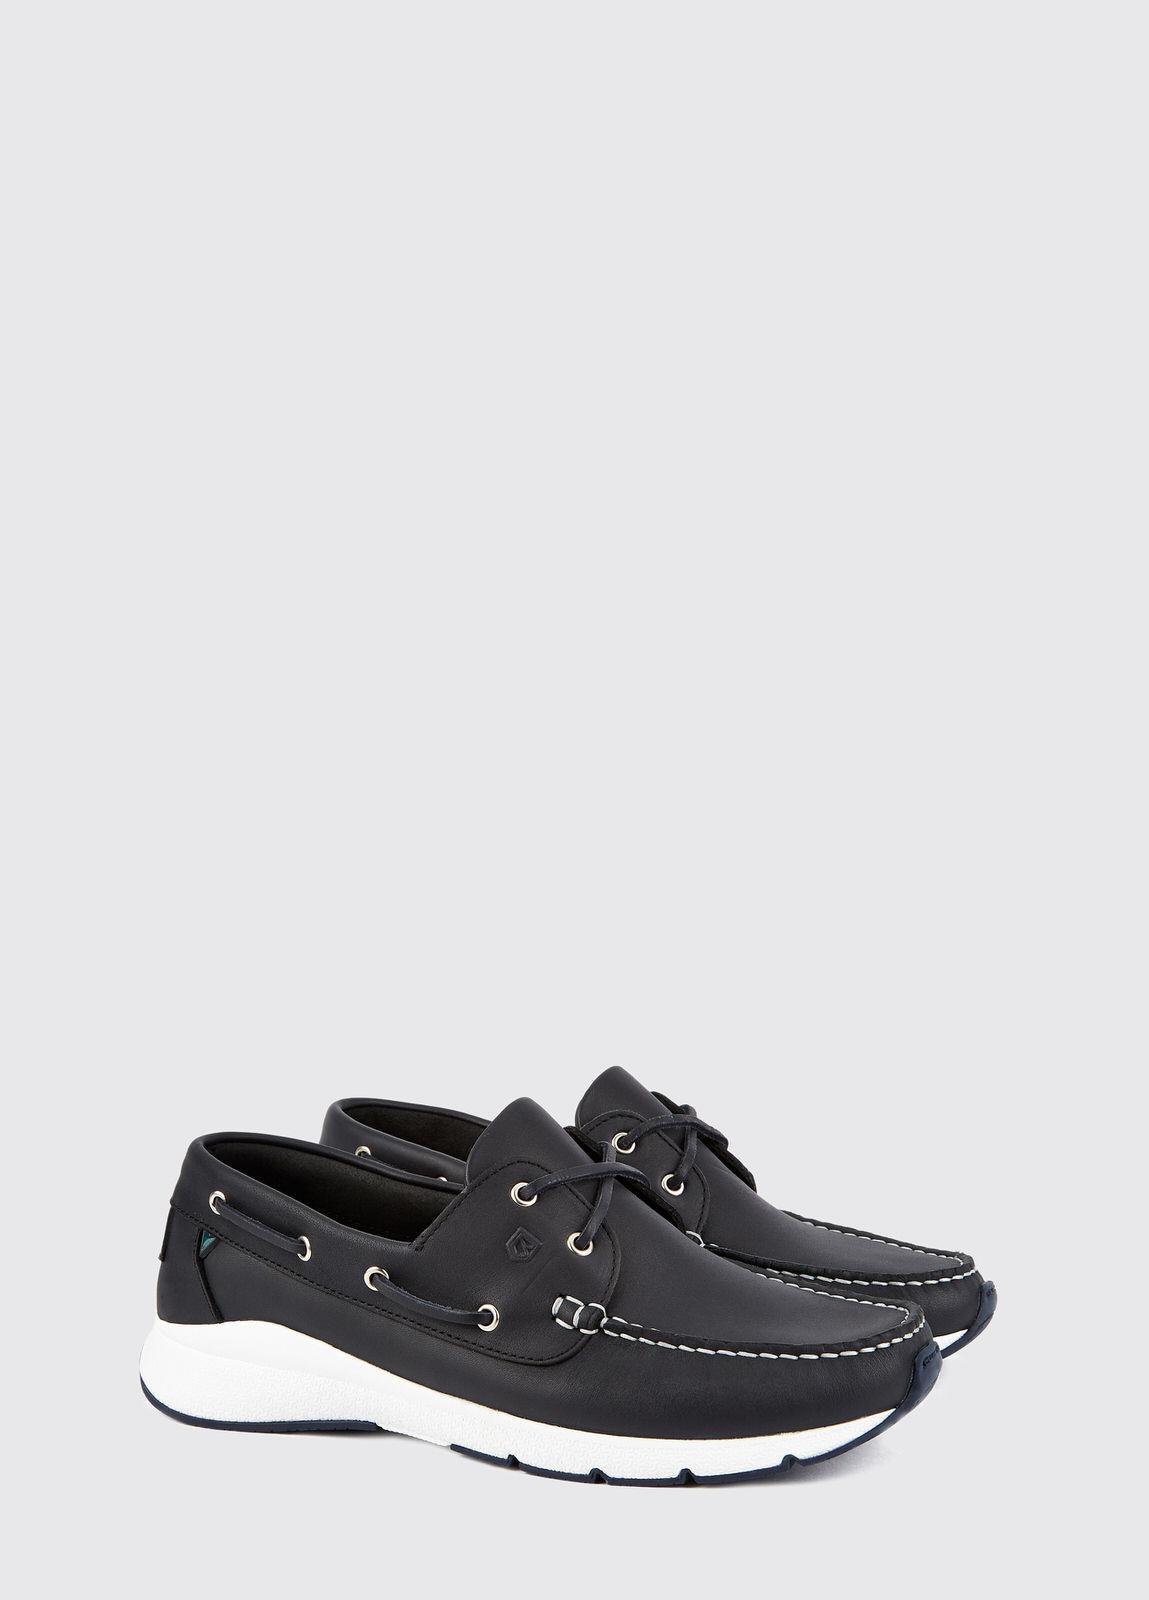 Dungarvan Lightweight Deck Shoe - Navy